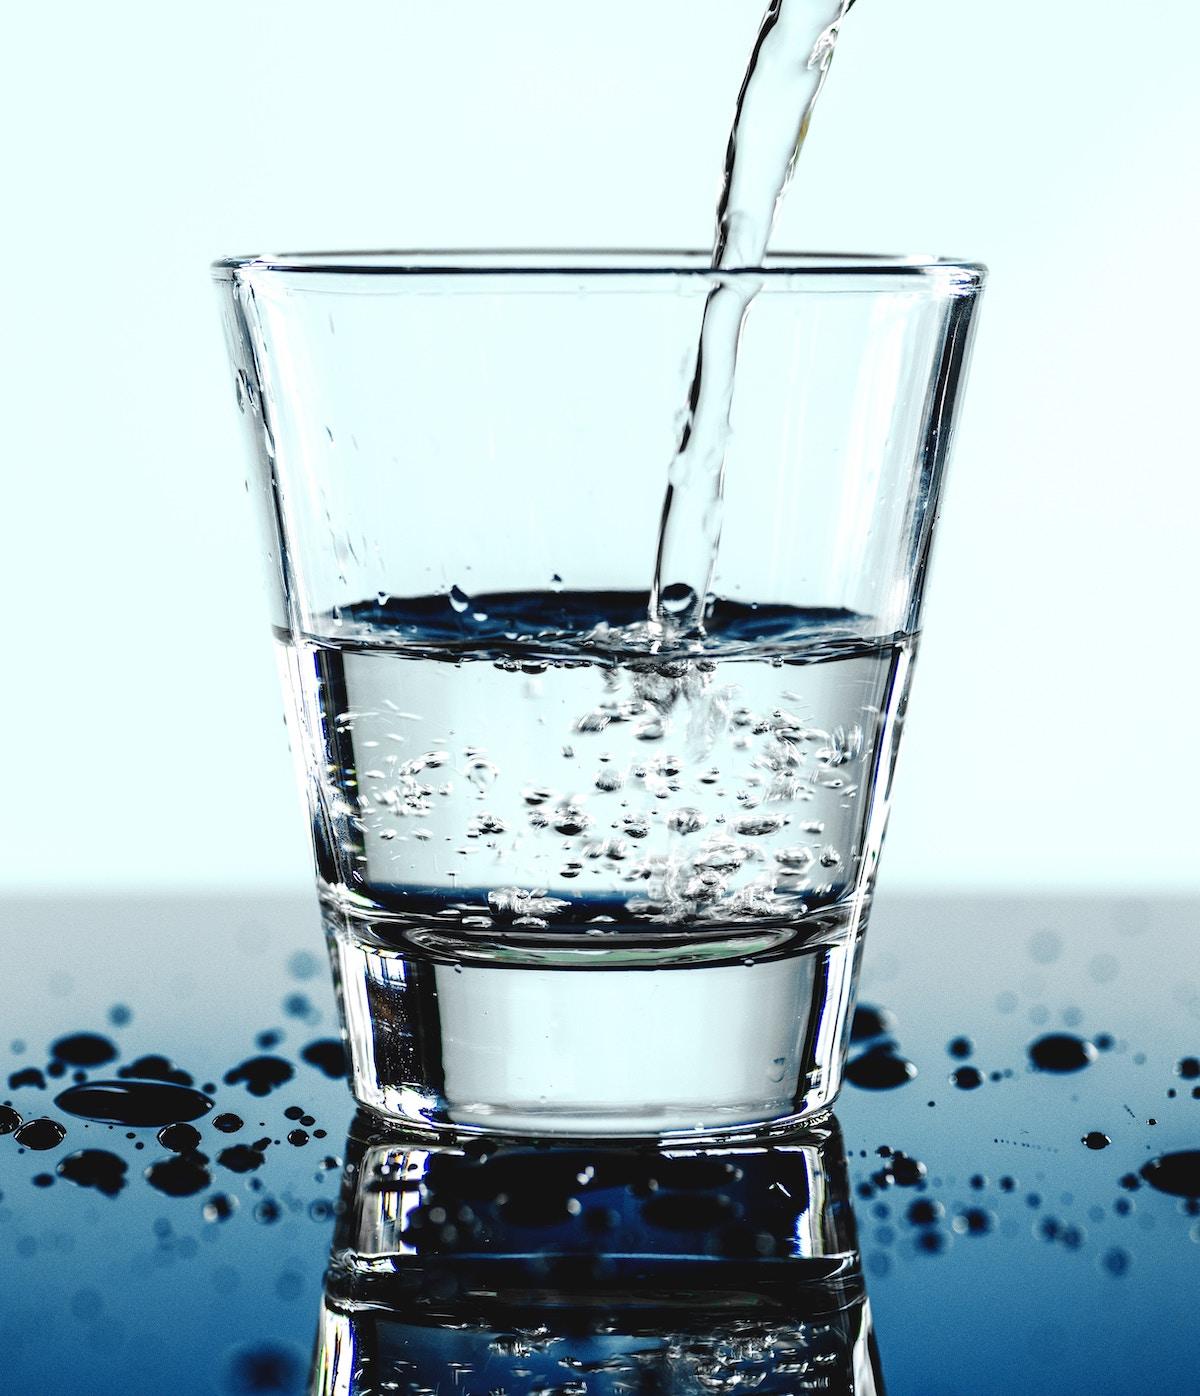 zéro déchet verre eau liquide écologie nature - blog déco - clem around the corner